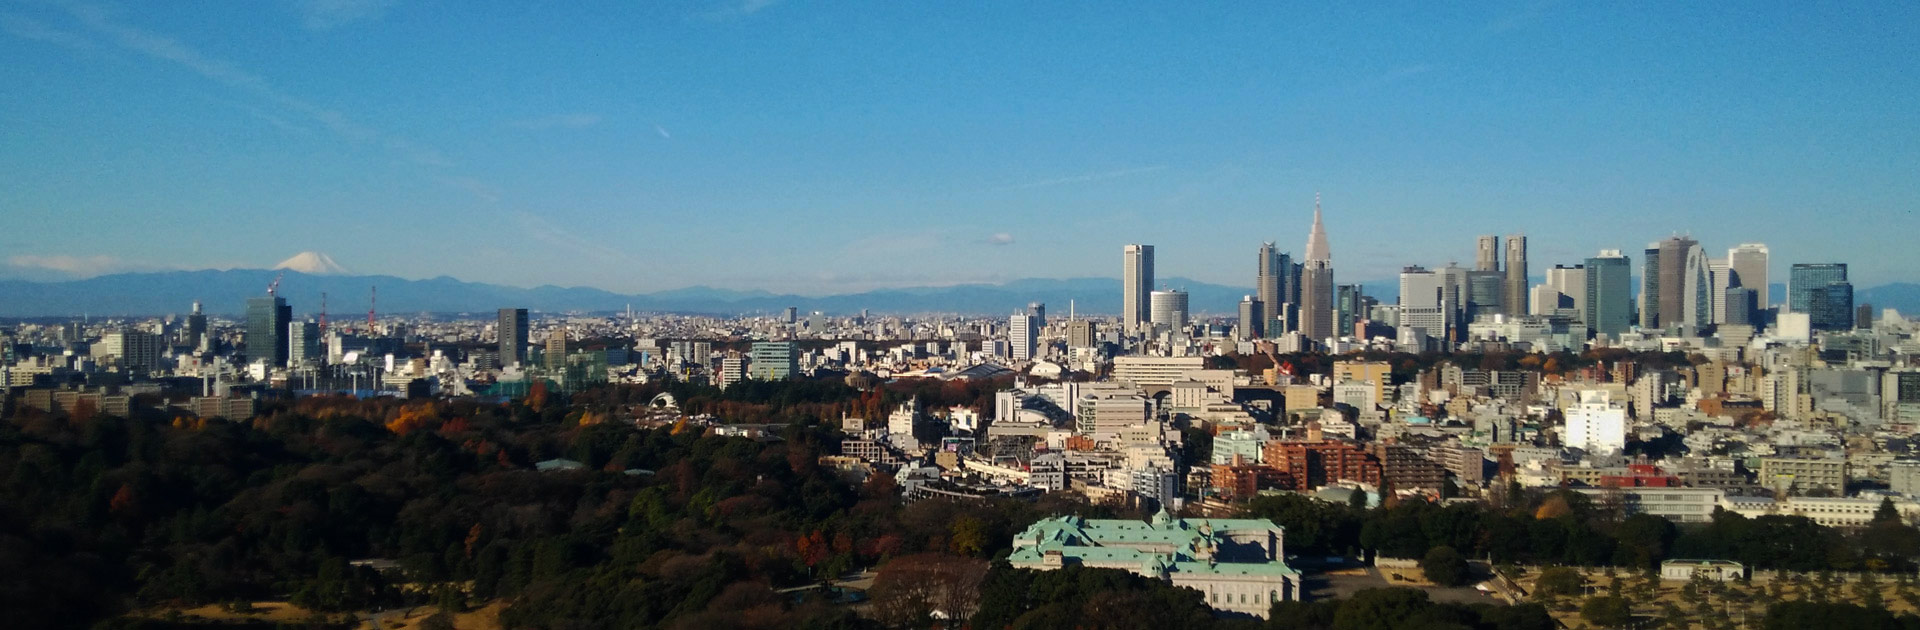 Japón con Hokkaido Tokyo y Sapporo 9 días 5